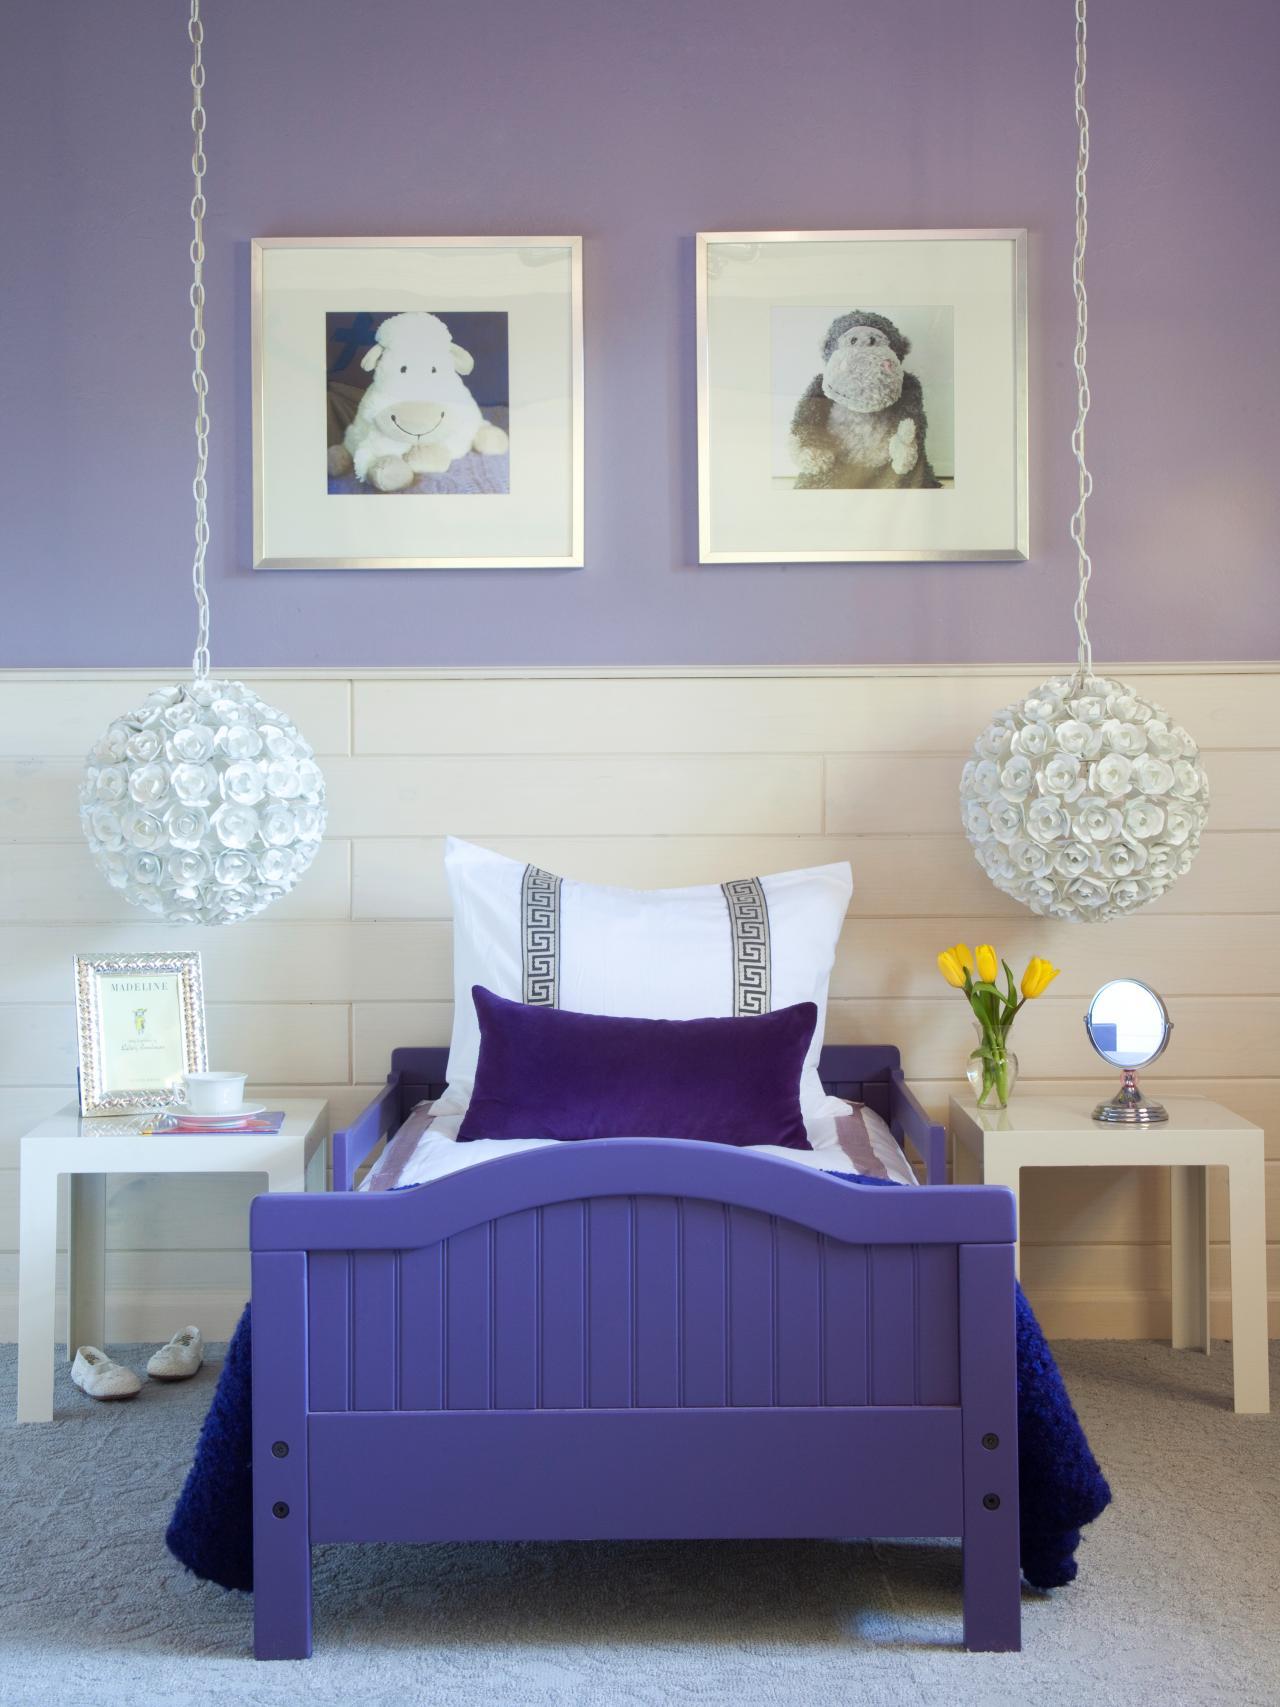 Бело-фиолетовые стены и фиолетовая кровать в детской спальне